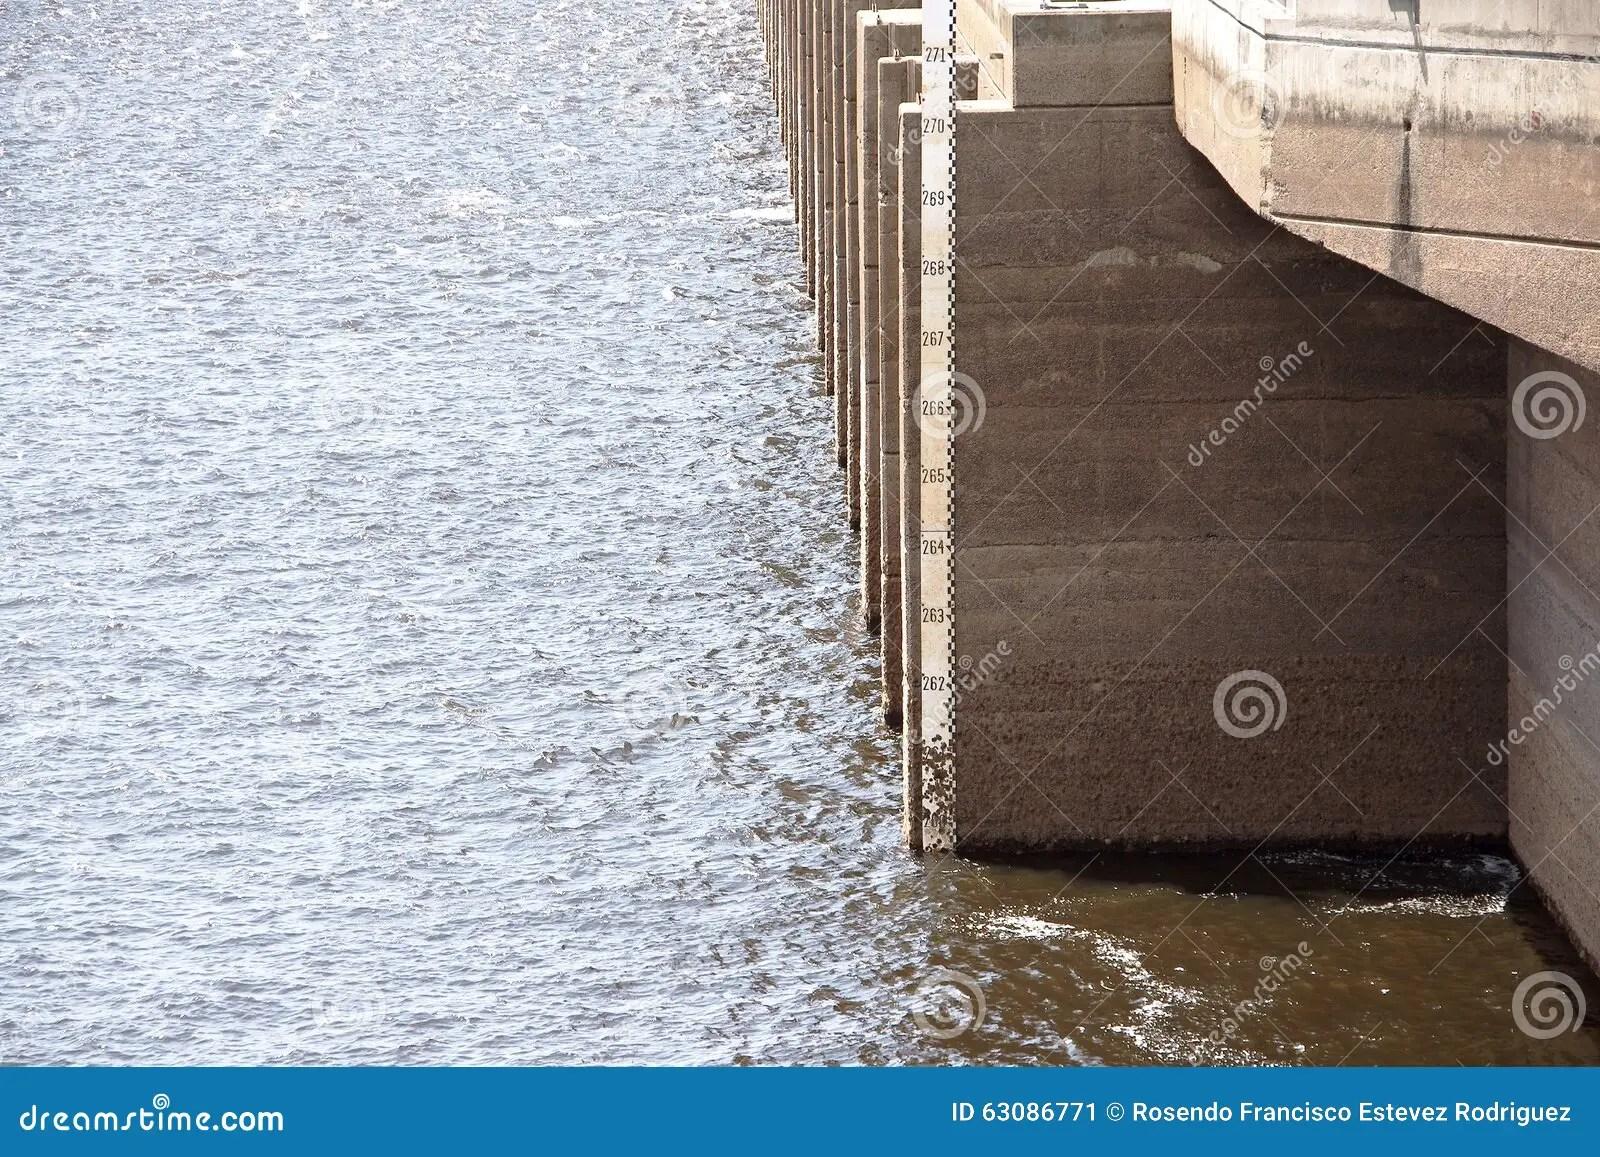 Level Indicator Stock Image Image Of Lake Guri River